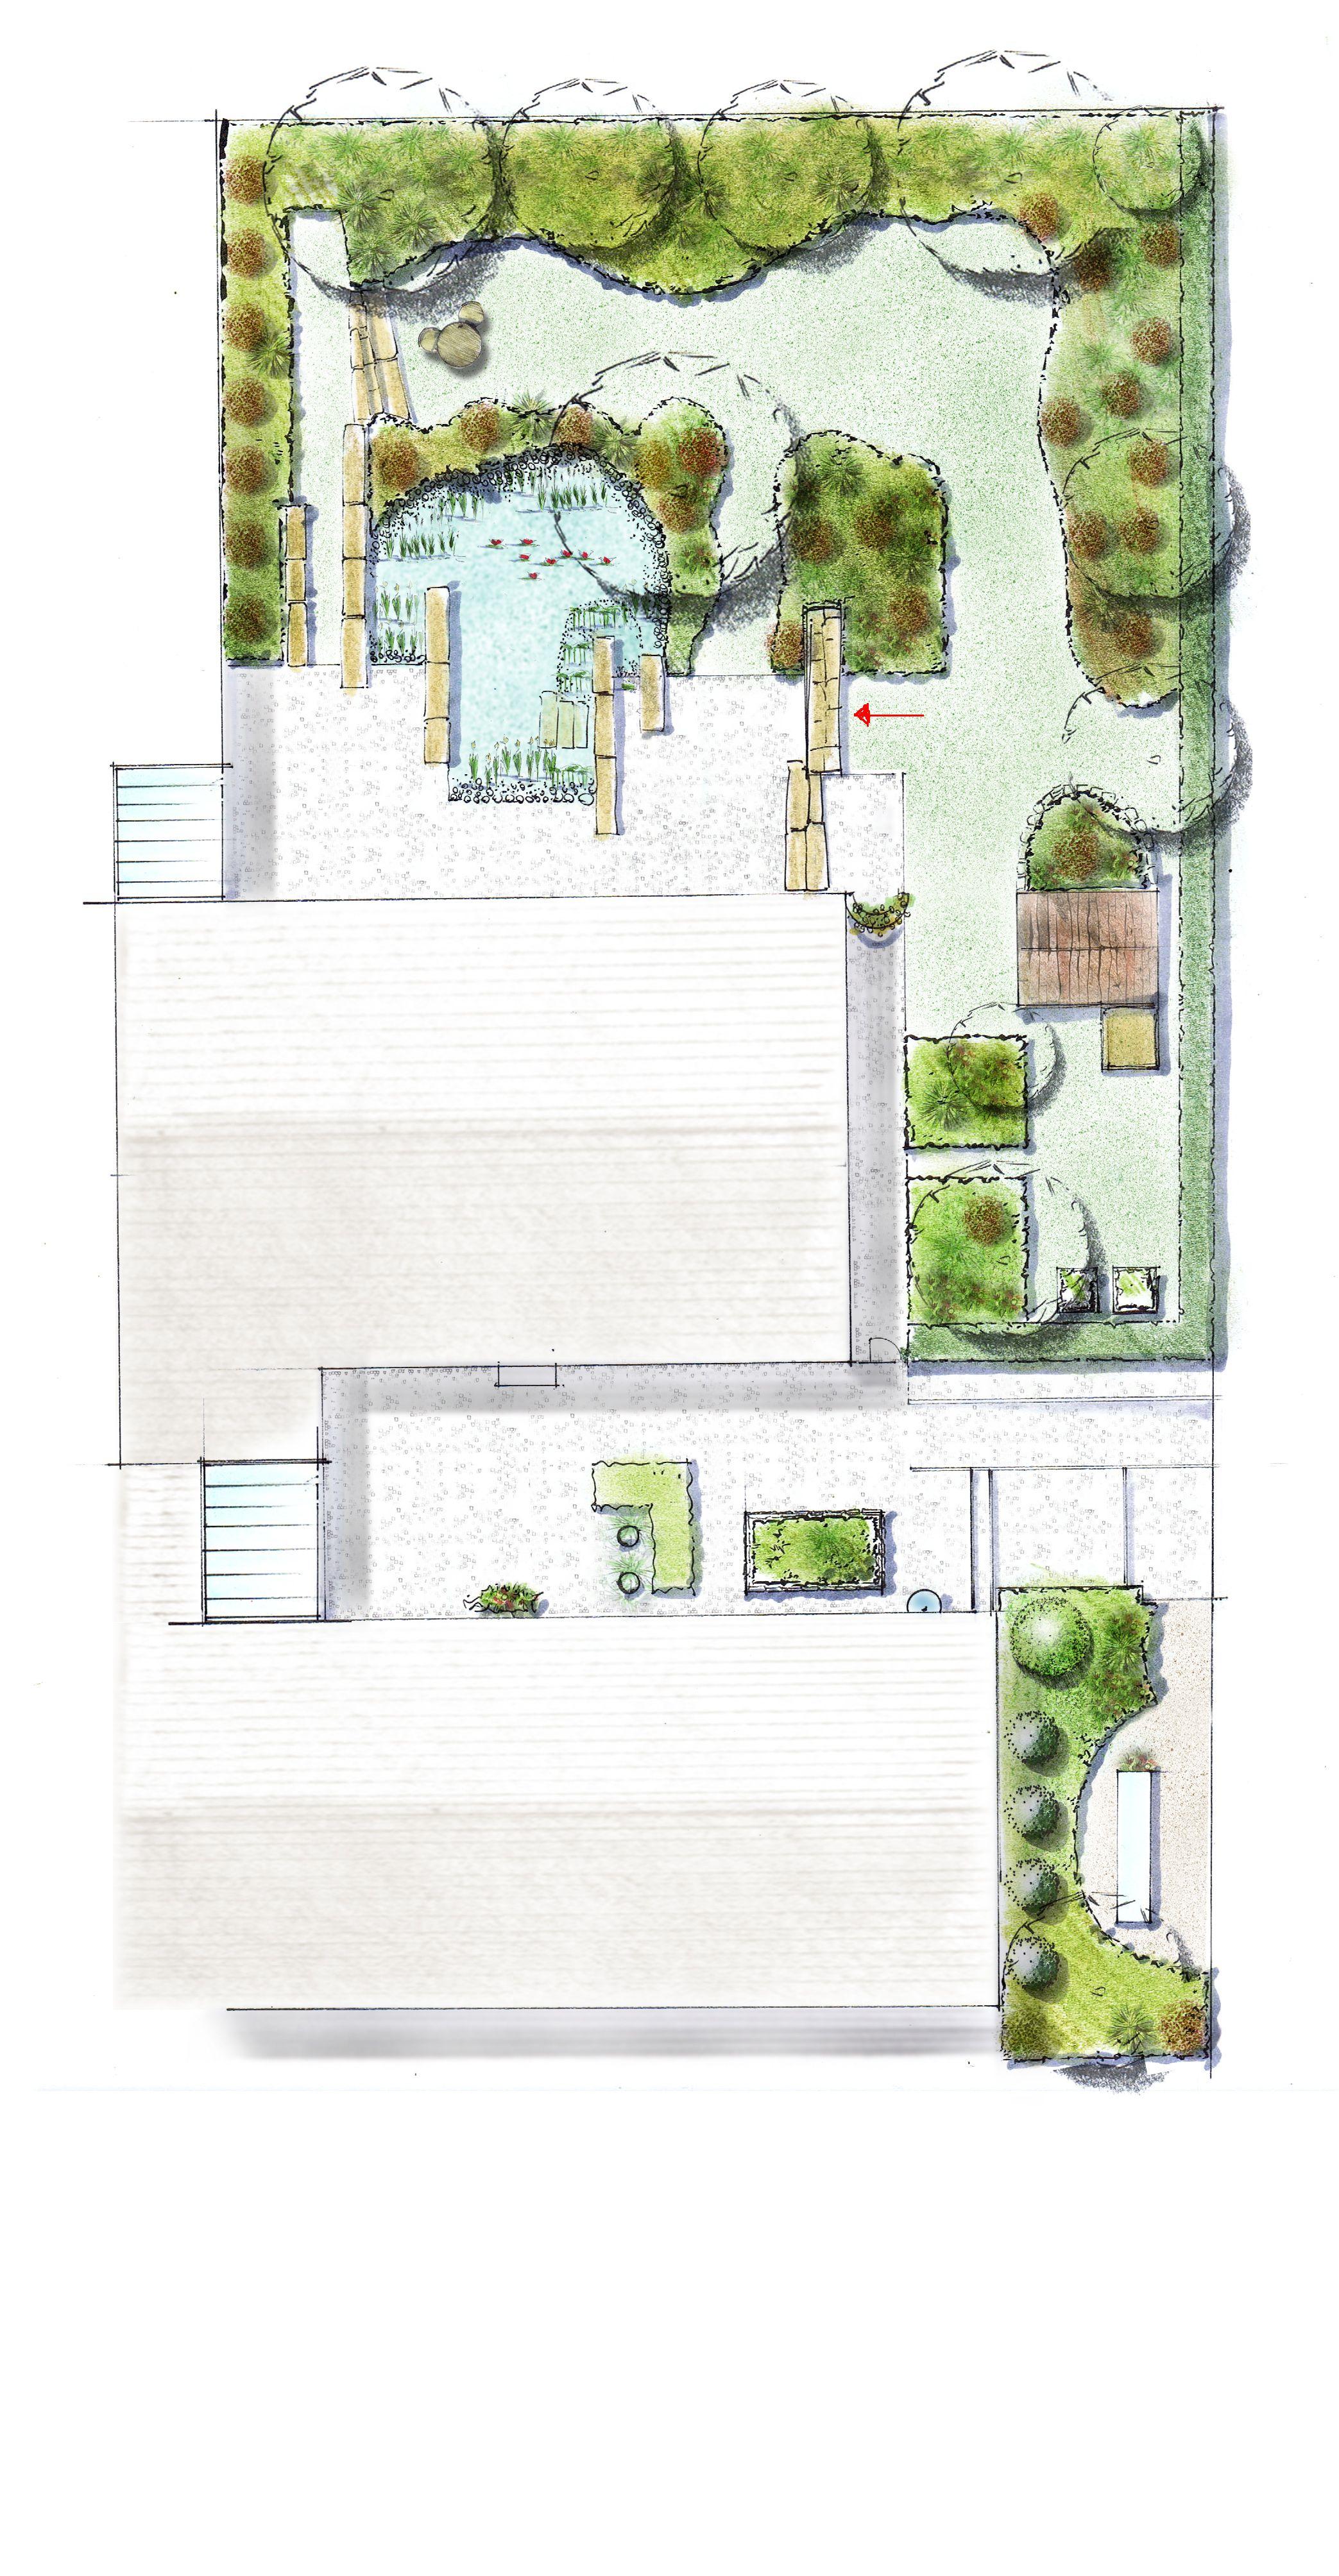 Gartenplan  Gartenplan | BRIGITTE PEGLOW, mein Garten, meine Keramik ...